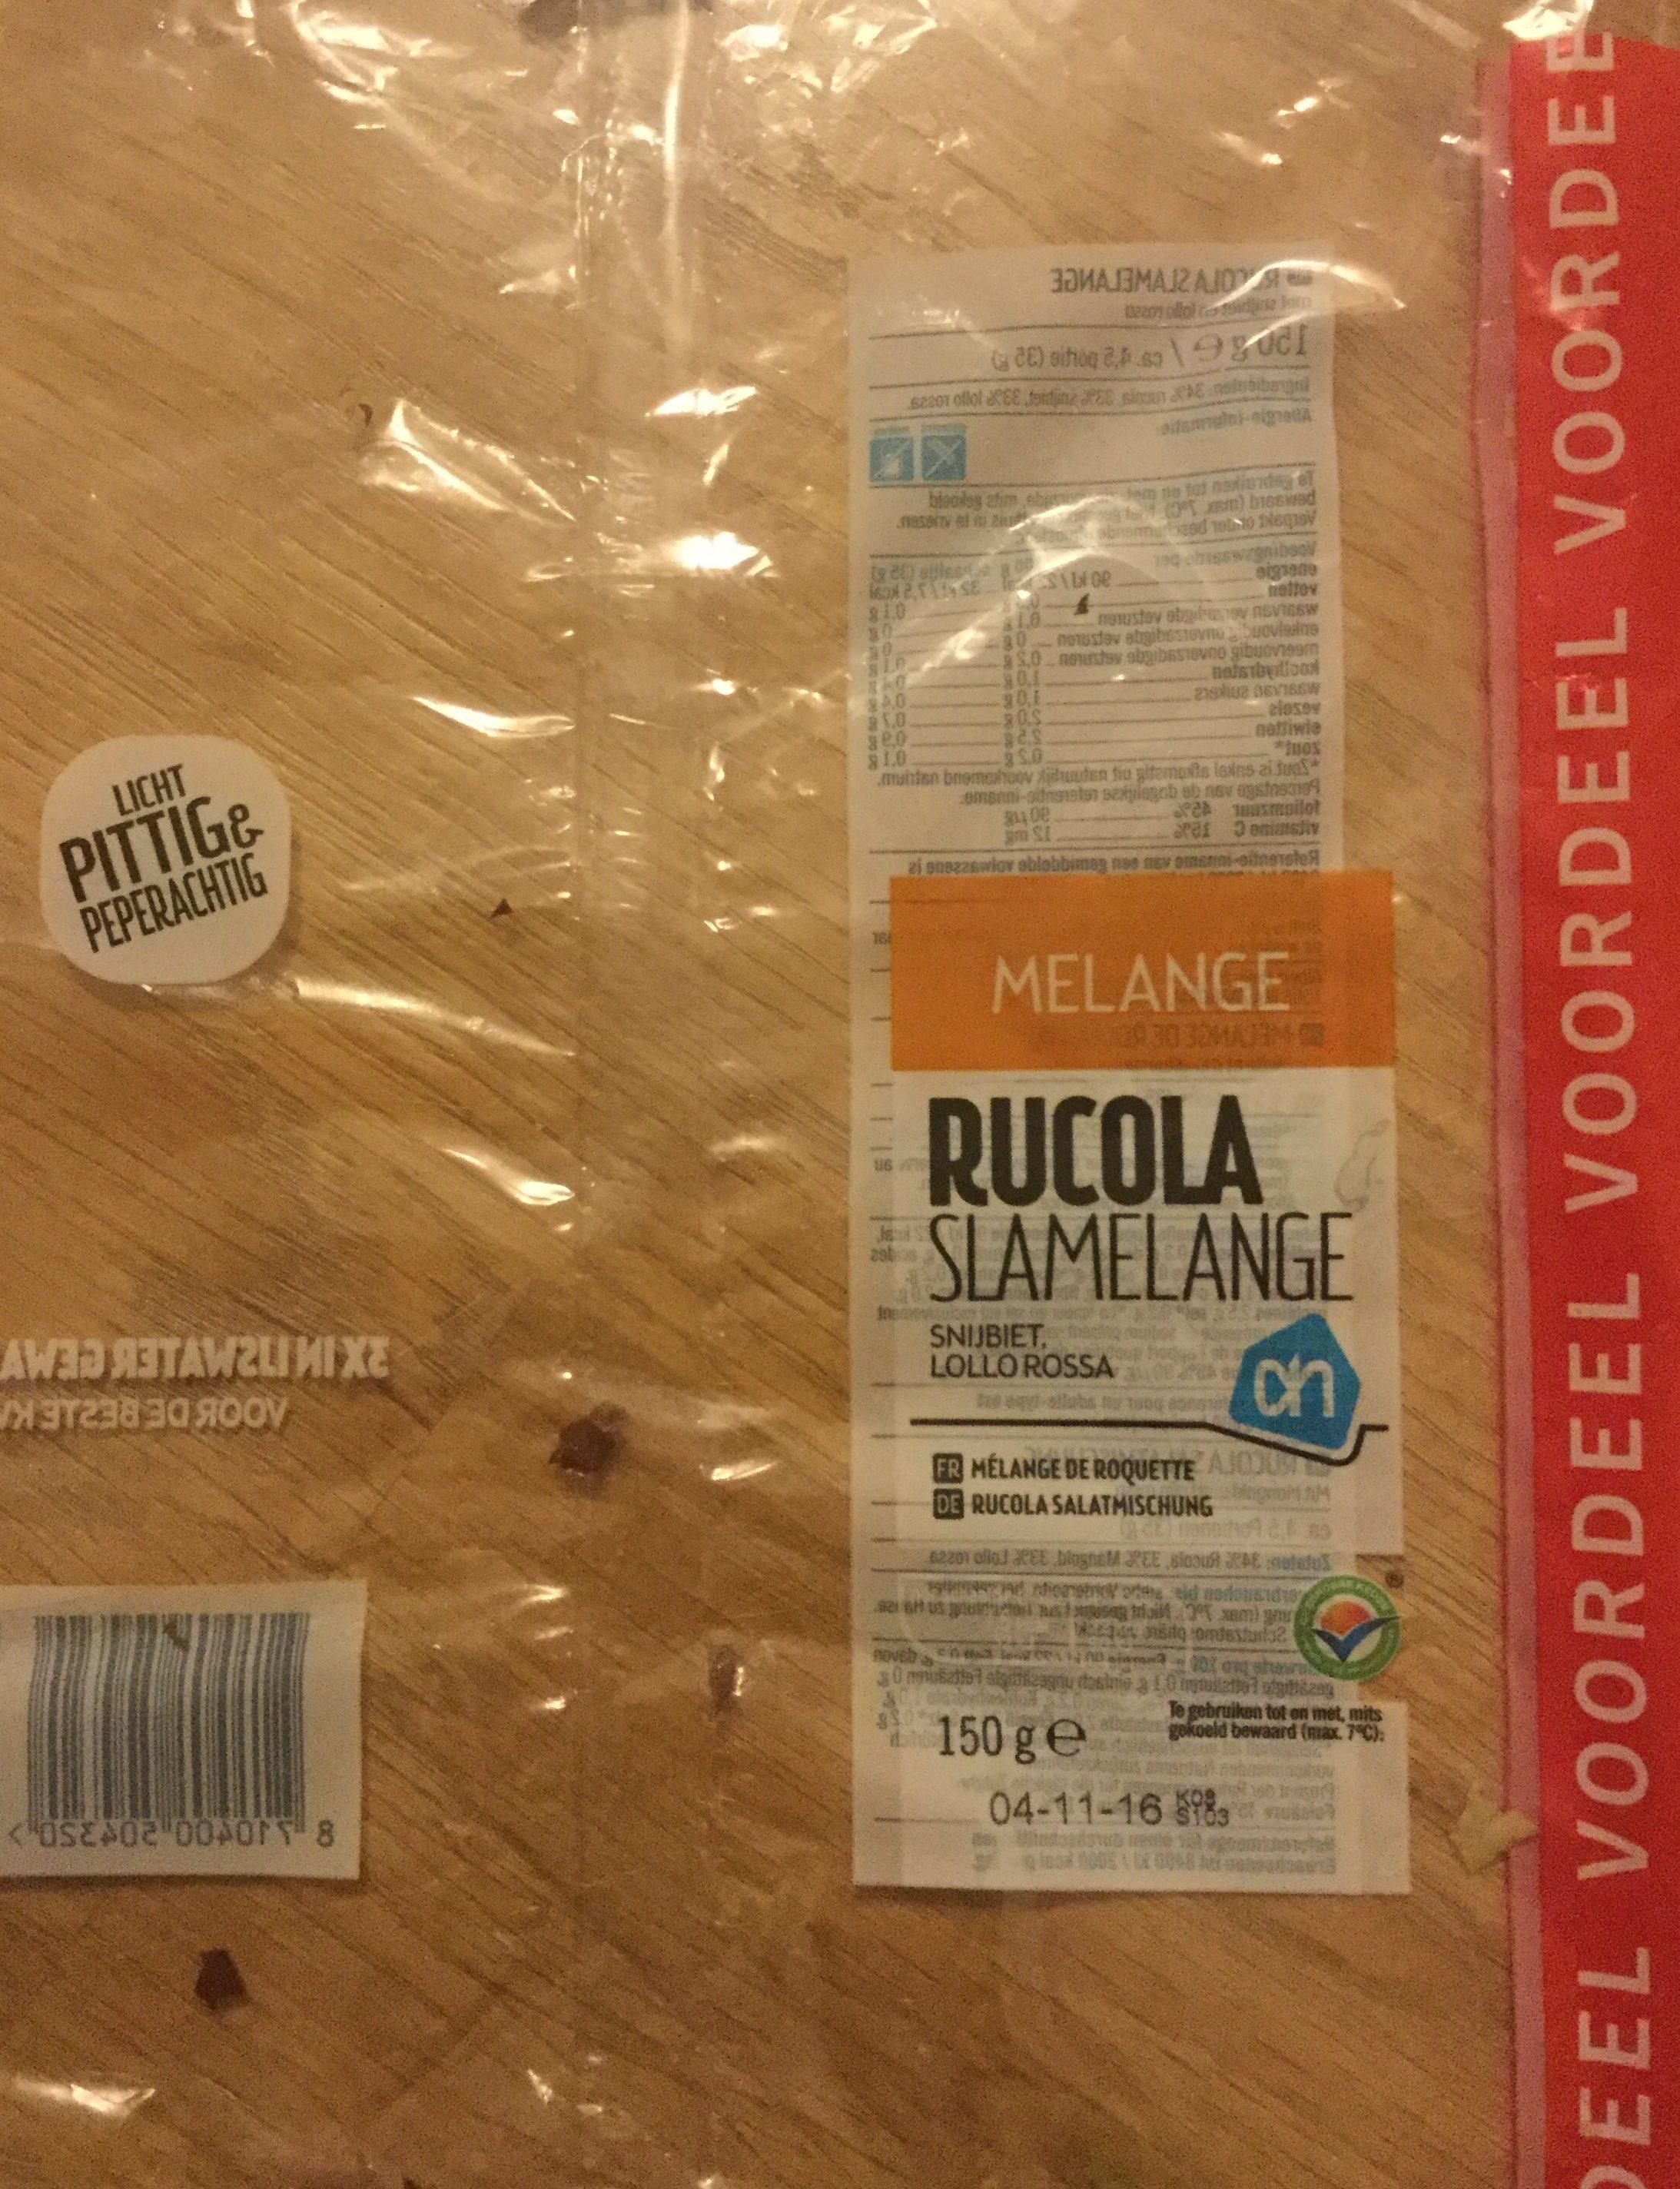 Rucola slamelange - Product